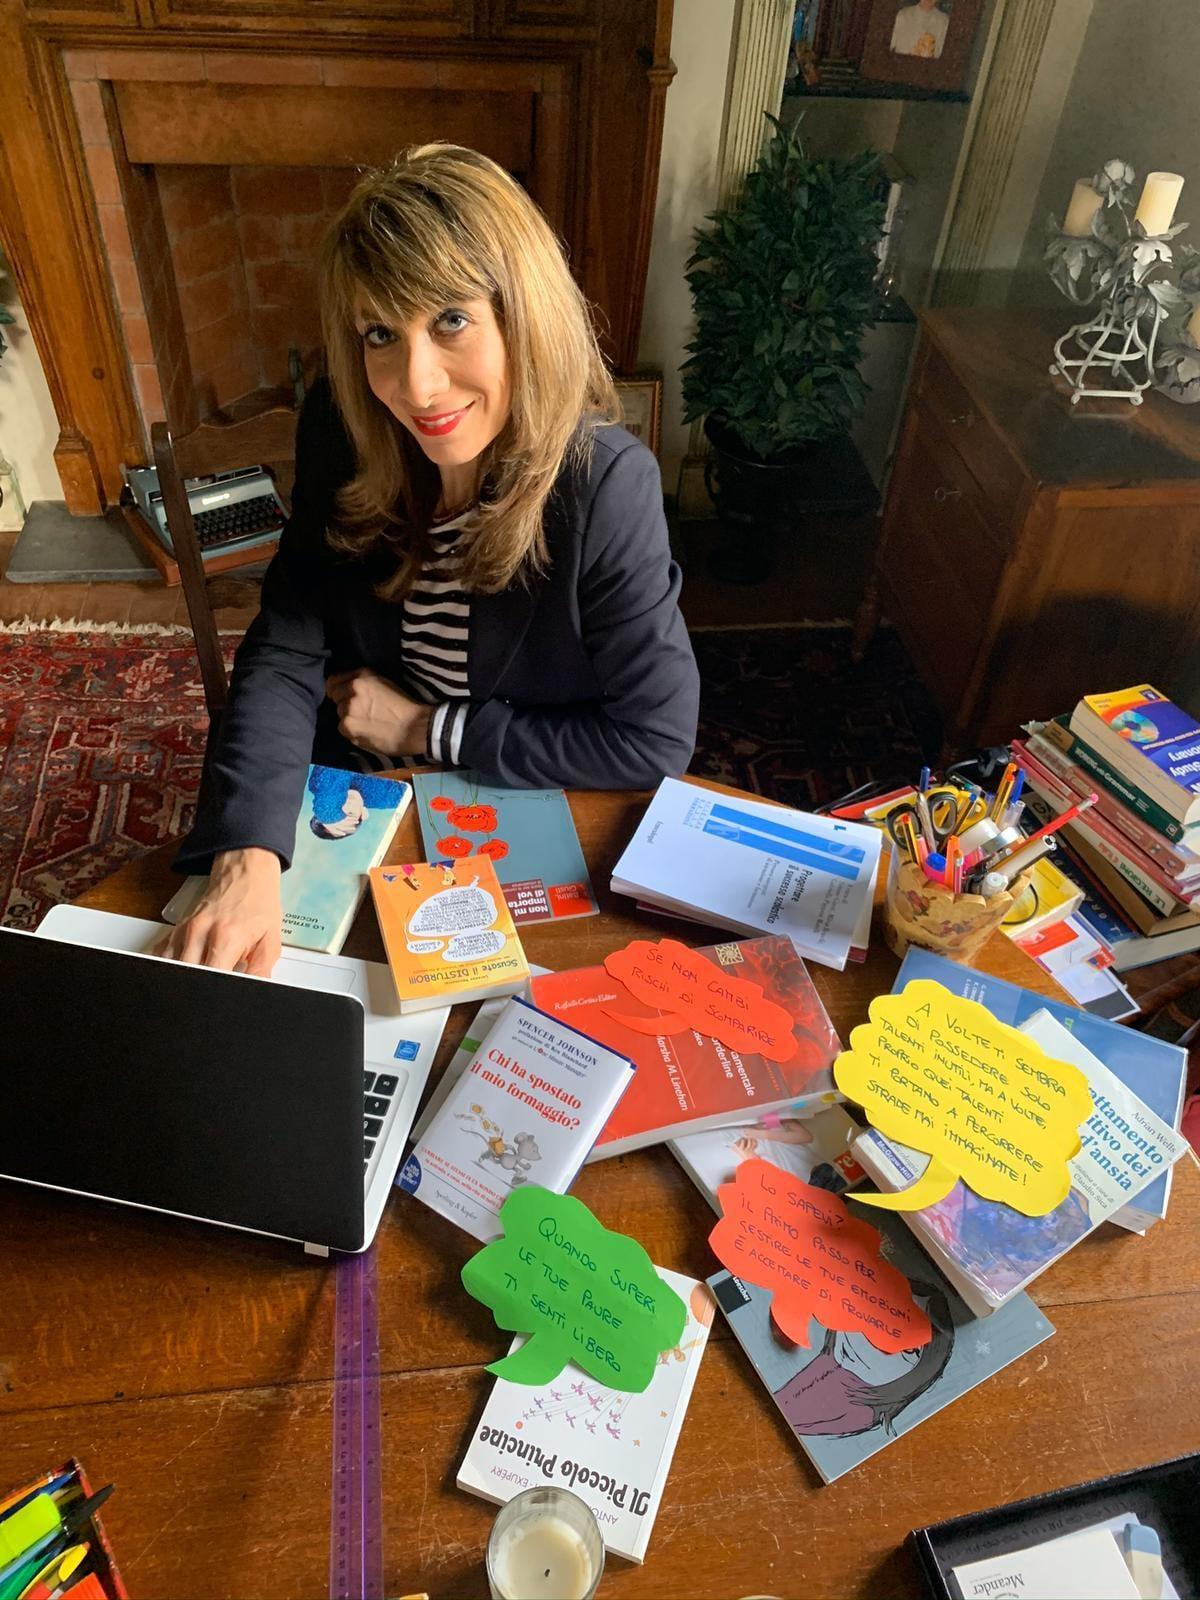 Superare i blocchi con la psicoterapia: la dottoressa Giulia Giorgi può aiutarti - Giulia Giorgi - Psicoterapeuta cognitivo-comportamentale in Versilia e Lucca